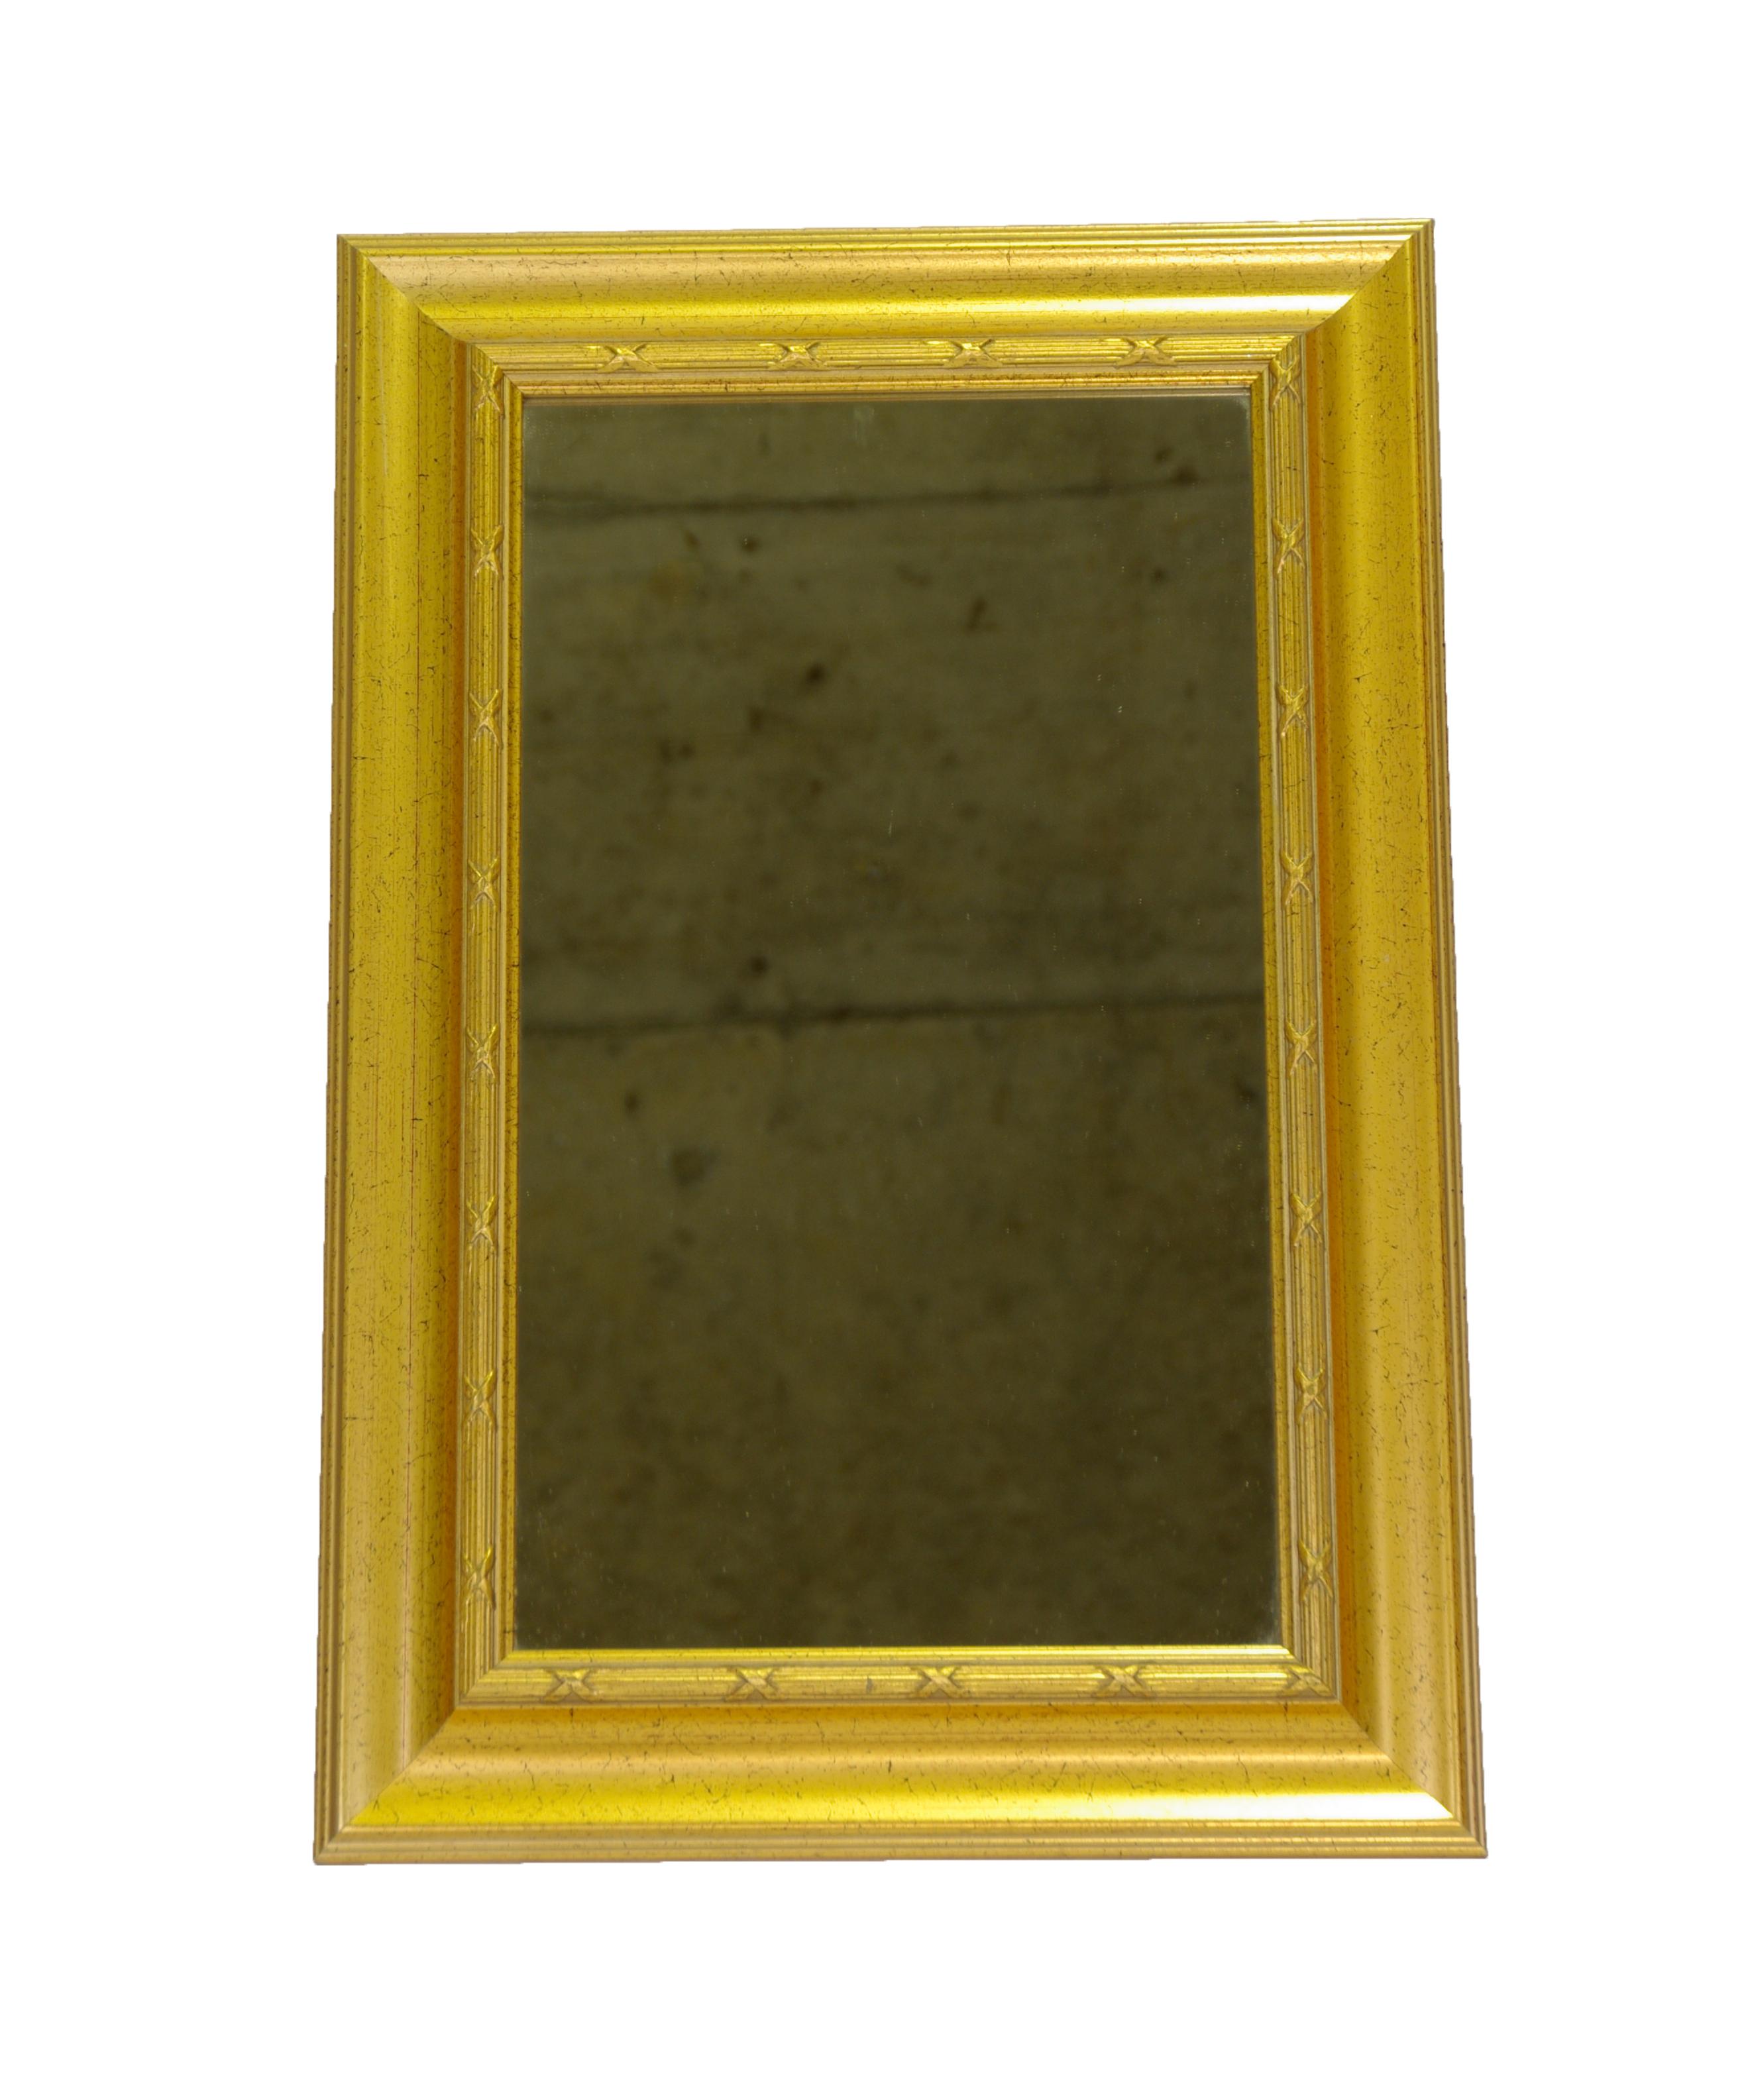 dekorationsmaterial diverse spiegel mit goldrahmen. Black Bedroom Furniture Sets. Home Design Ideas